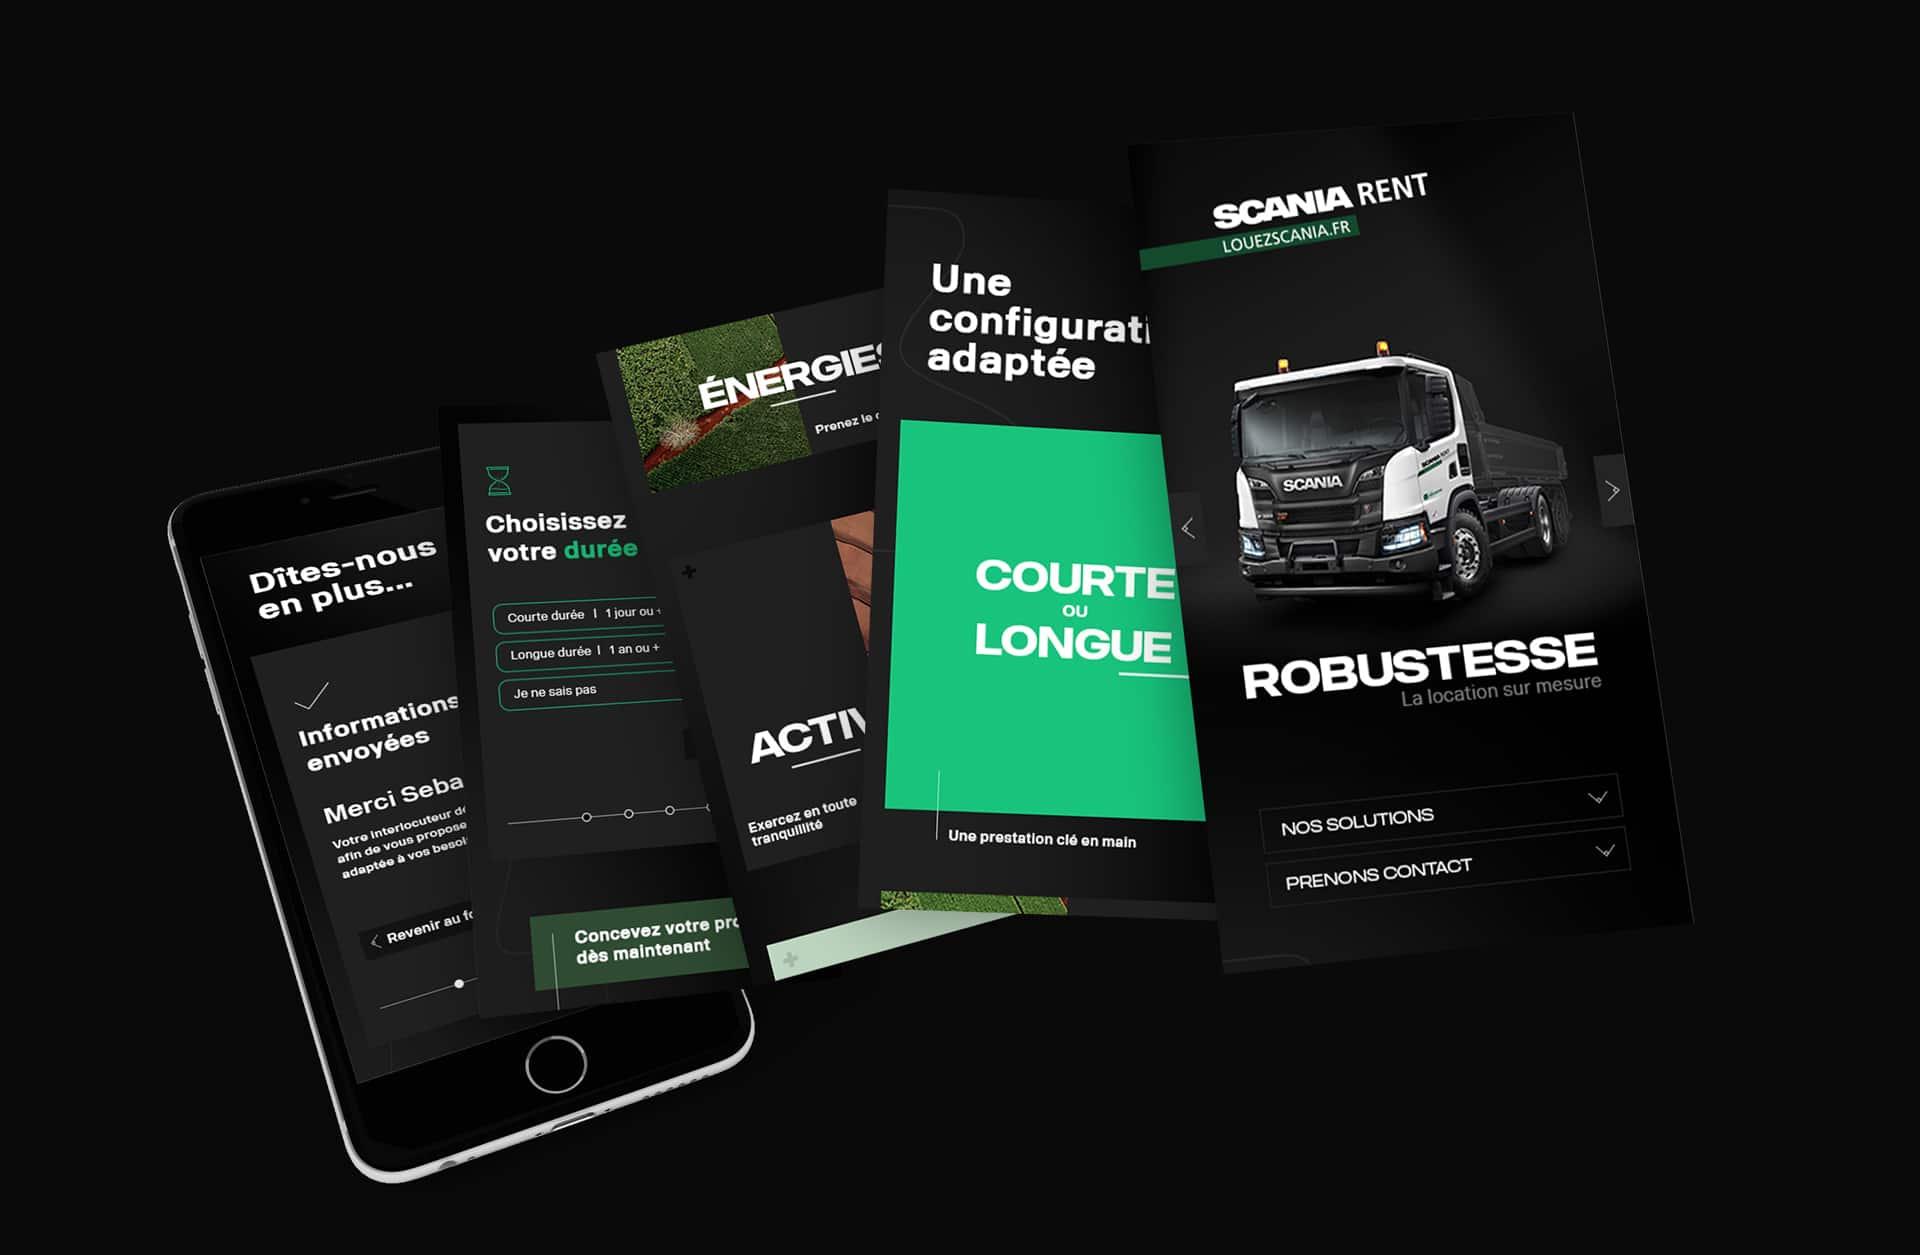 UI Design mobile de la landing page Scania Rent